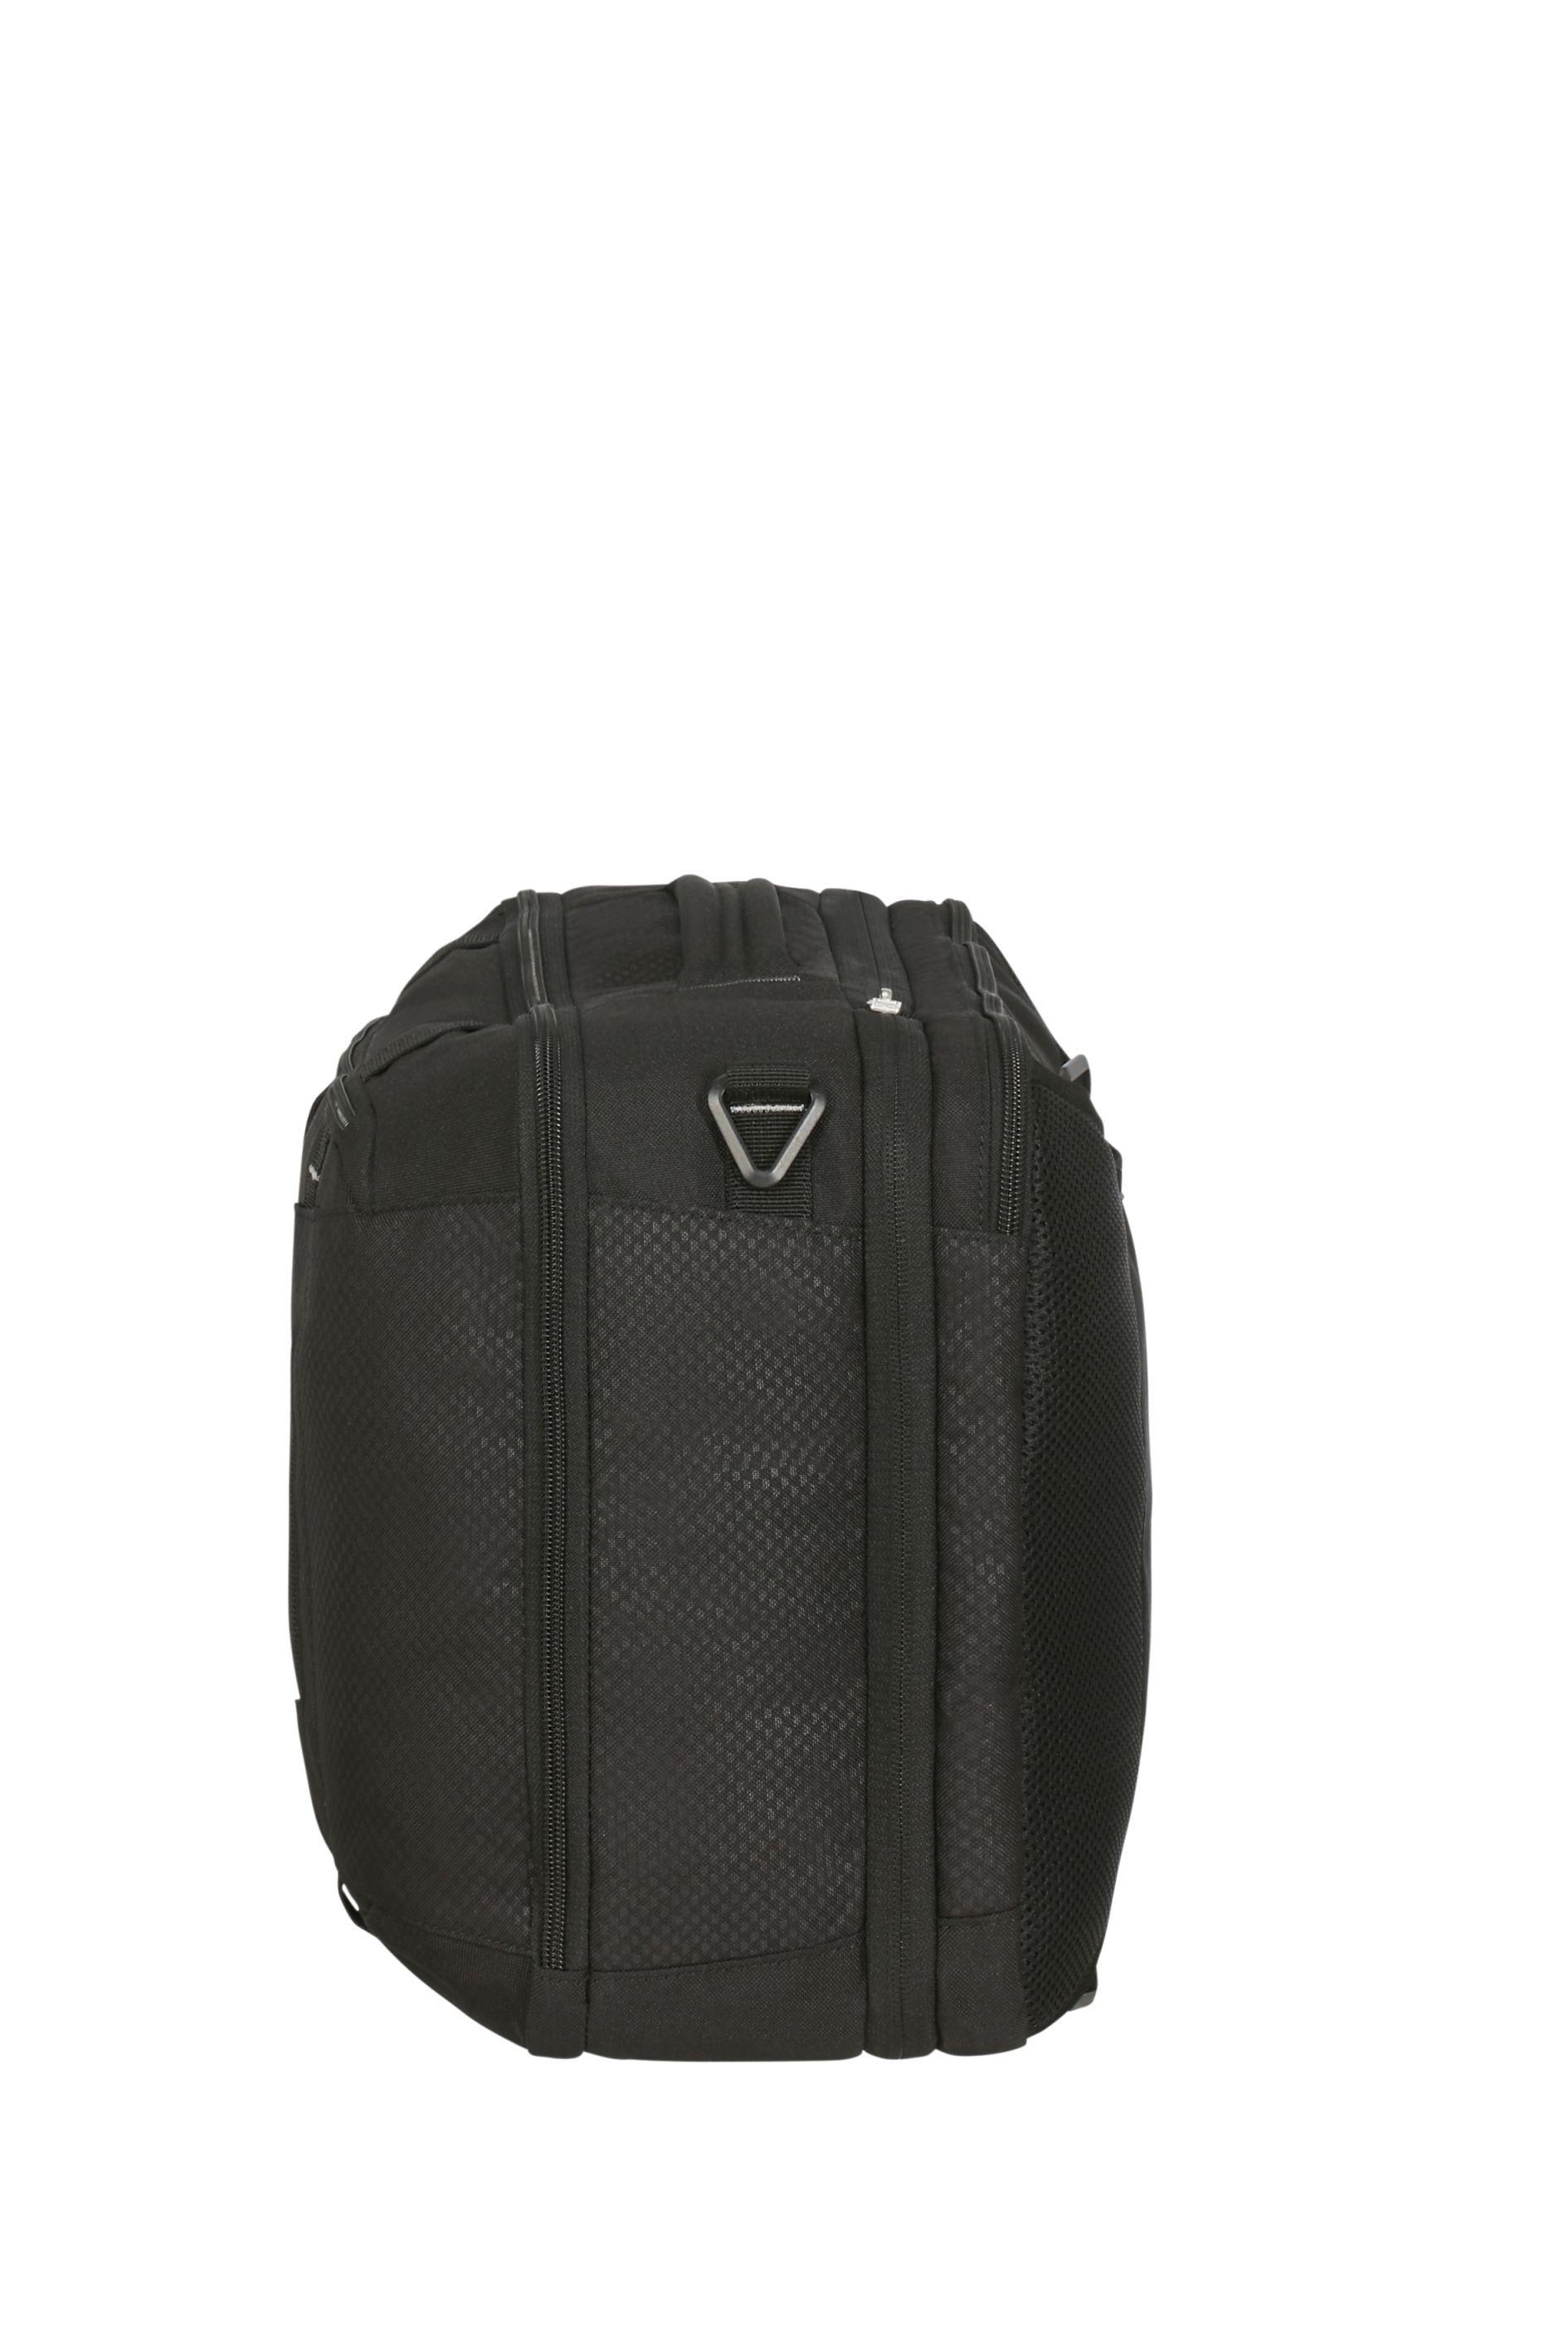 Samsonite Sonora 3-Way Shoulder Bag EXP, View 9